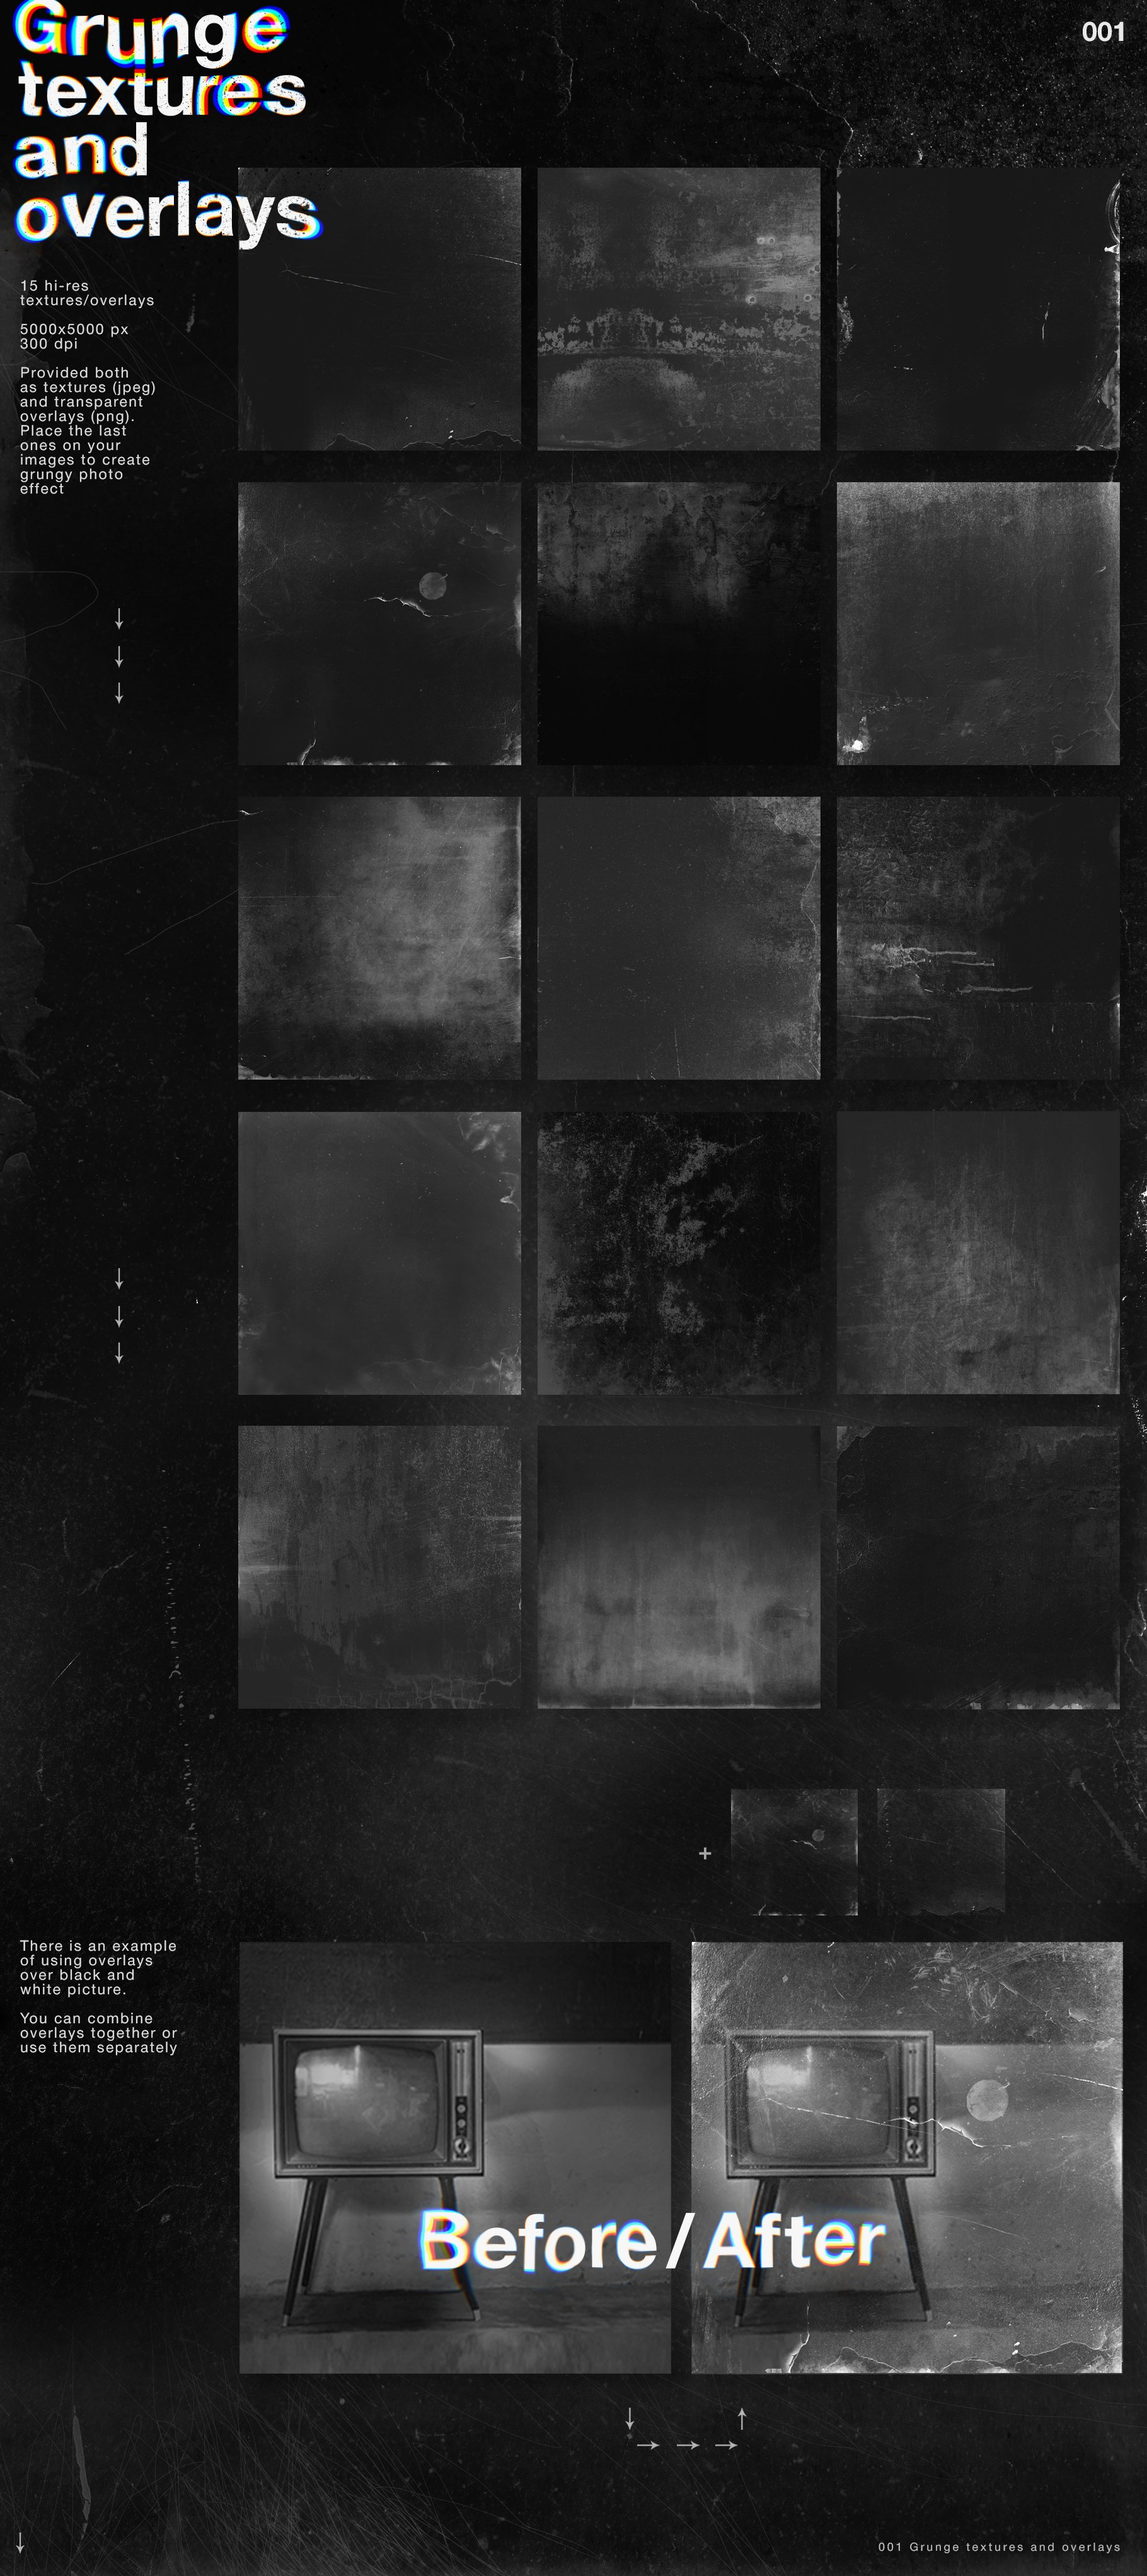 [淘宝购买] 潮流抽象故障扭曲网格塑料薄膜海报设计背景纹理素材 Grunge&Glitch – Toolkit 7in1插图(2)